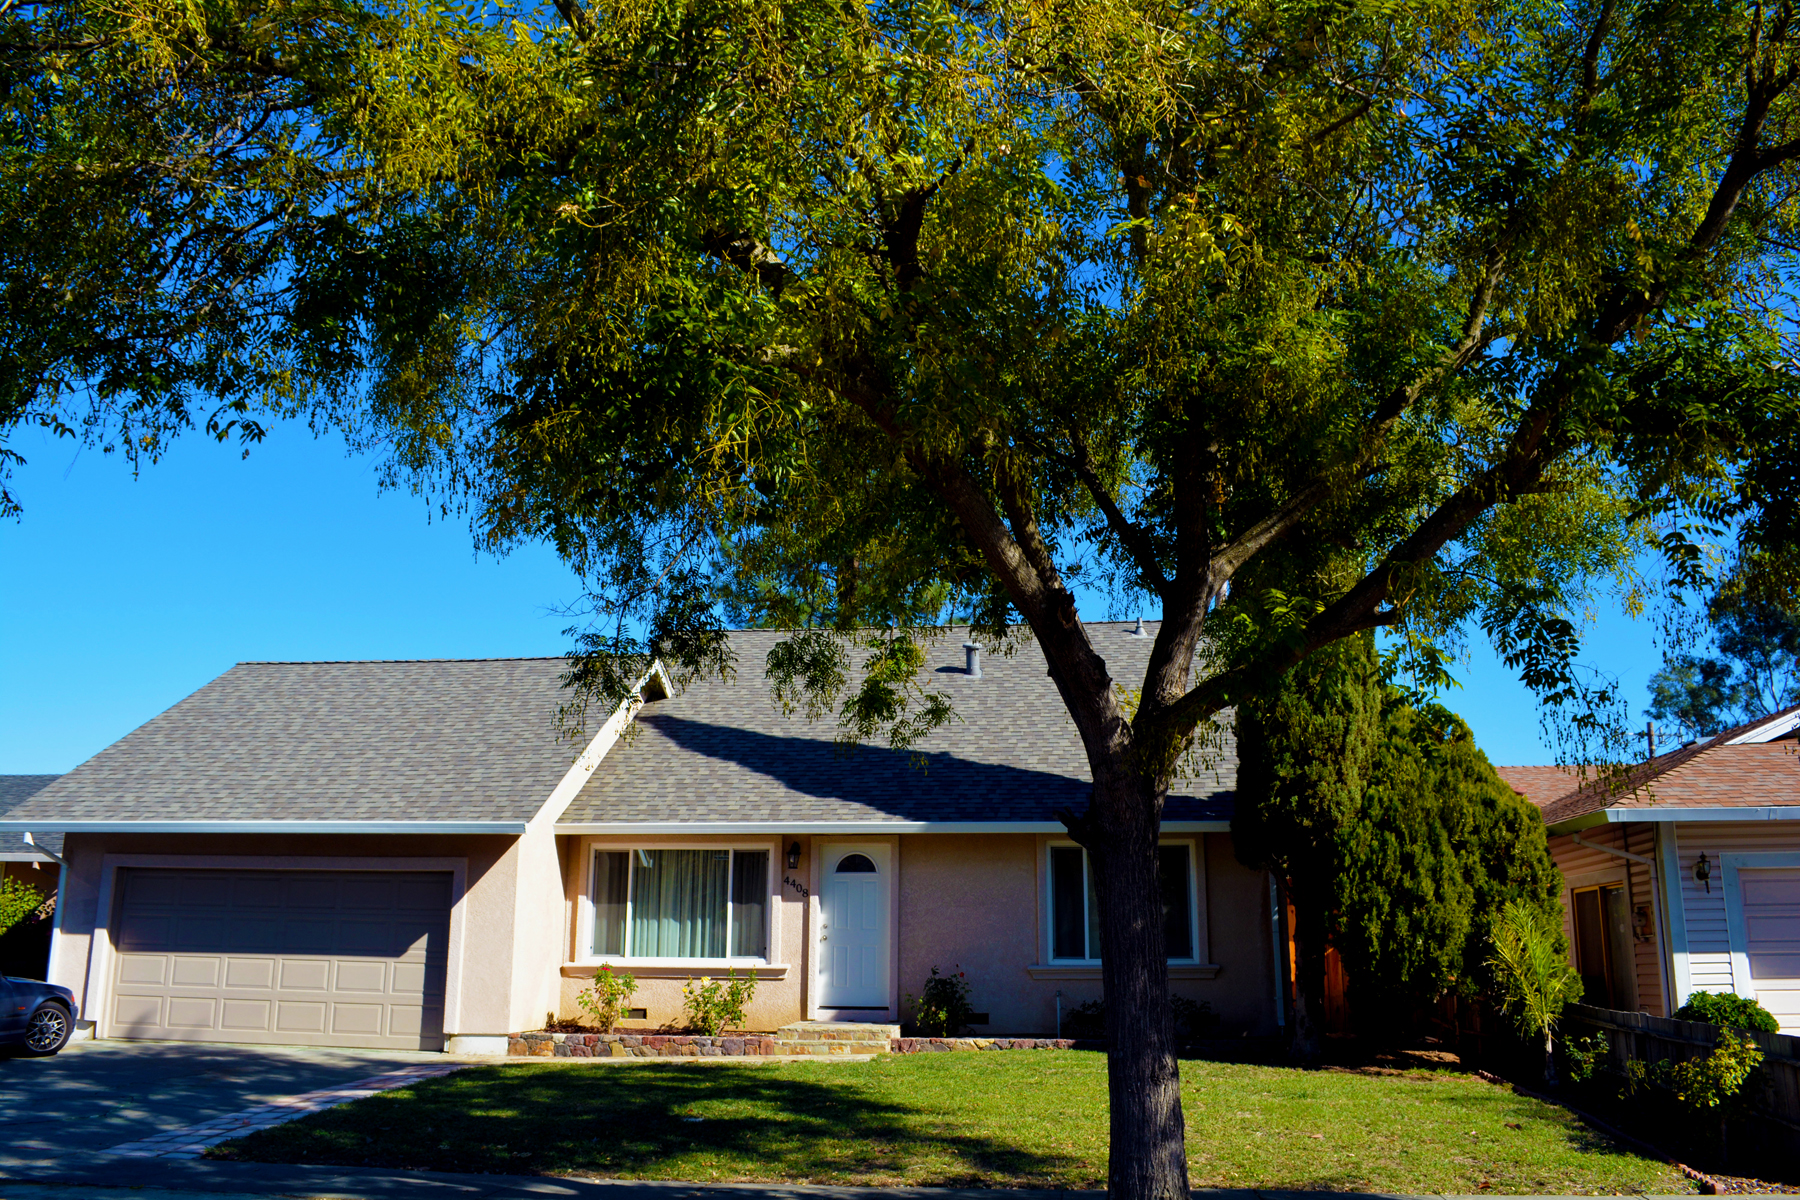 Casa Unifamiliar por un Venta en 4408 Summerfield Dr, Napa, CA 94558 4408 Summerfield Dr Napa, California 94558 Estados Unidos